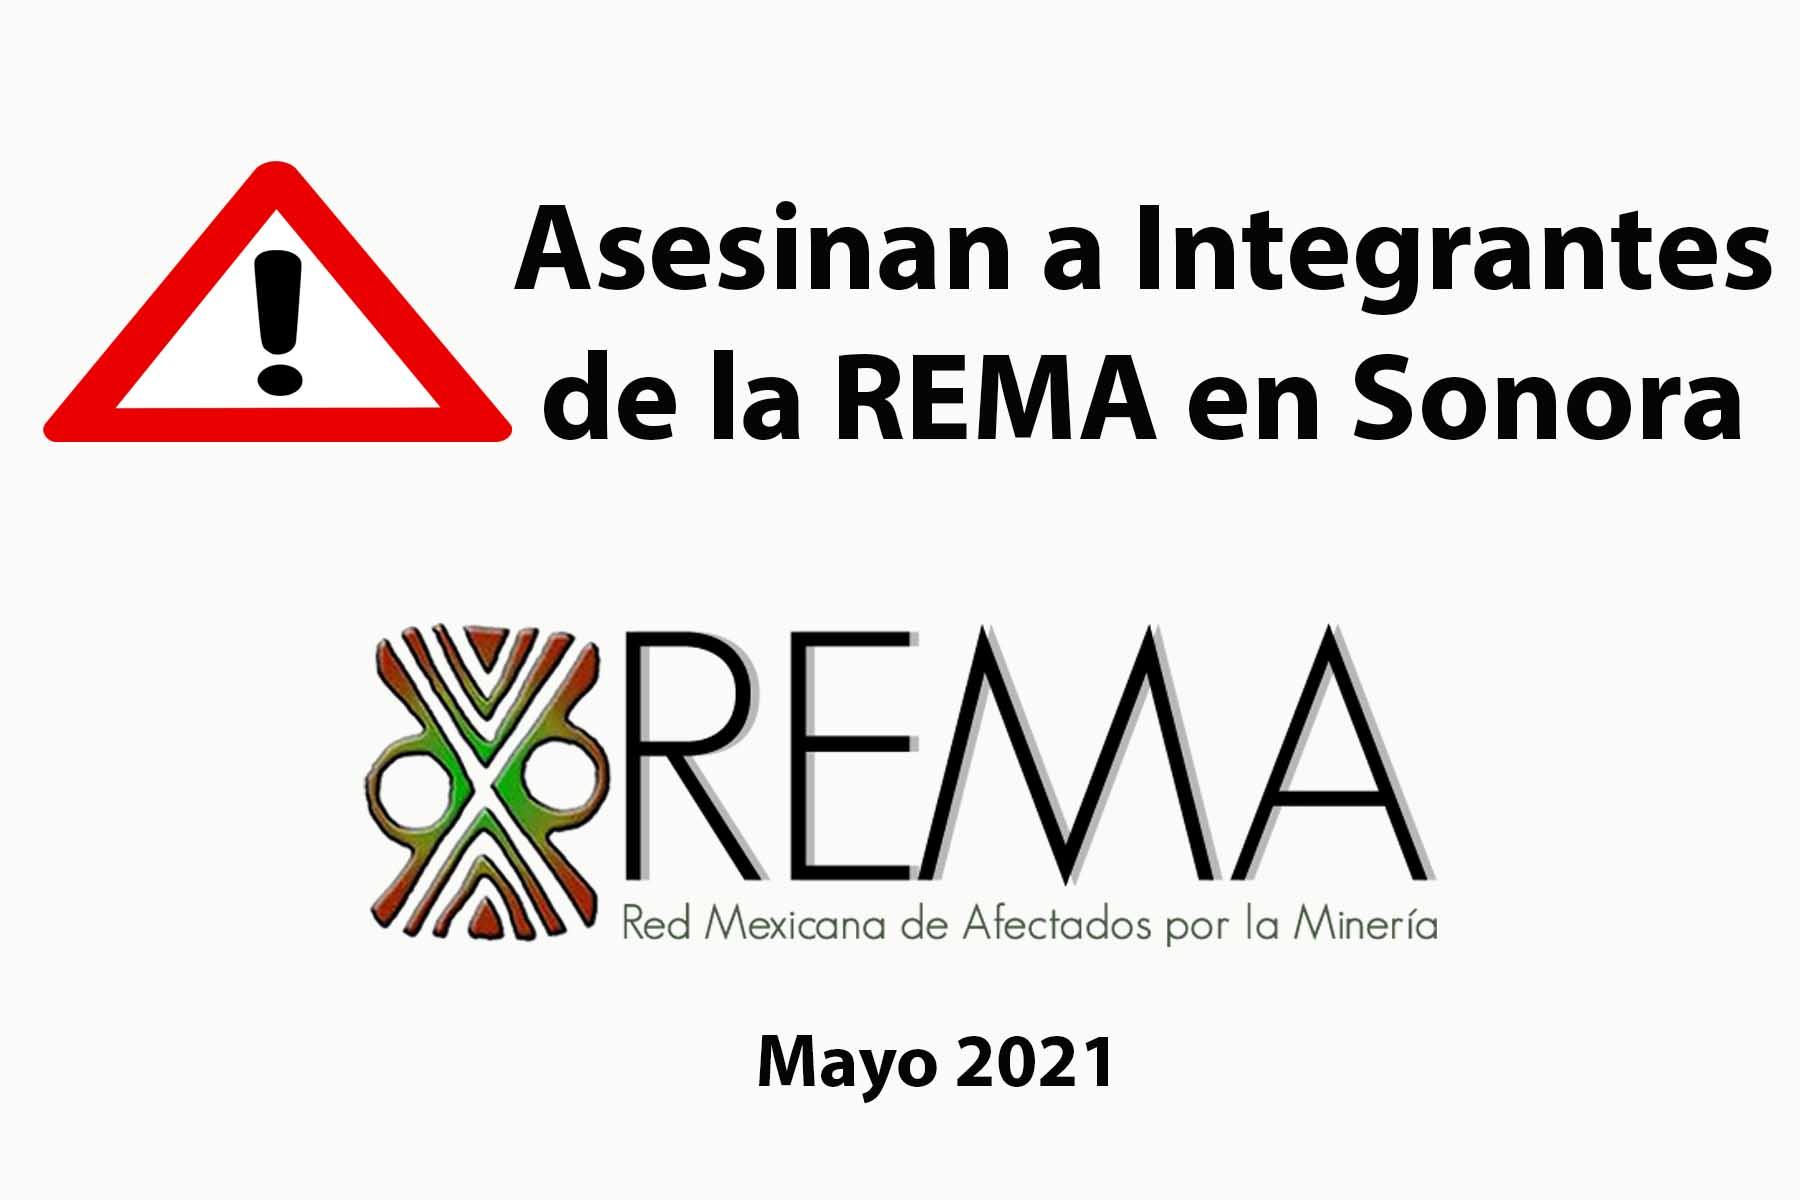 Asesinan a Integrantes de la REMA en Sonora